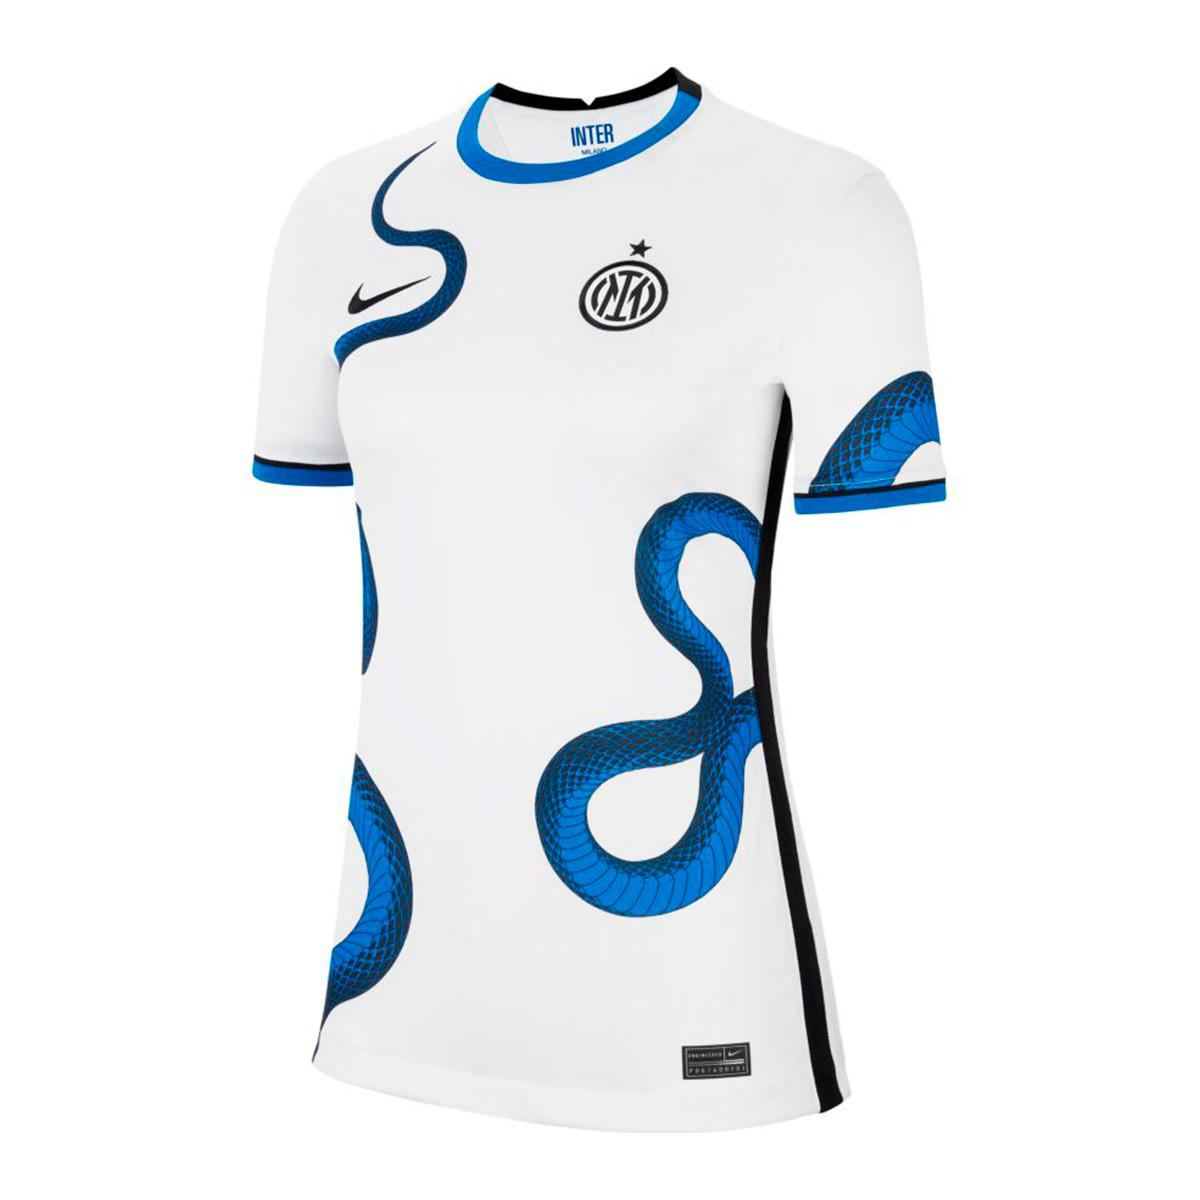 Nike Women Inter de Milan Stadium Away Jersey 2021-2022 Jersey